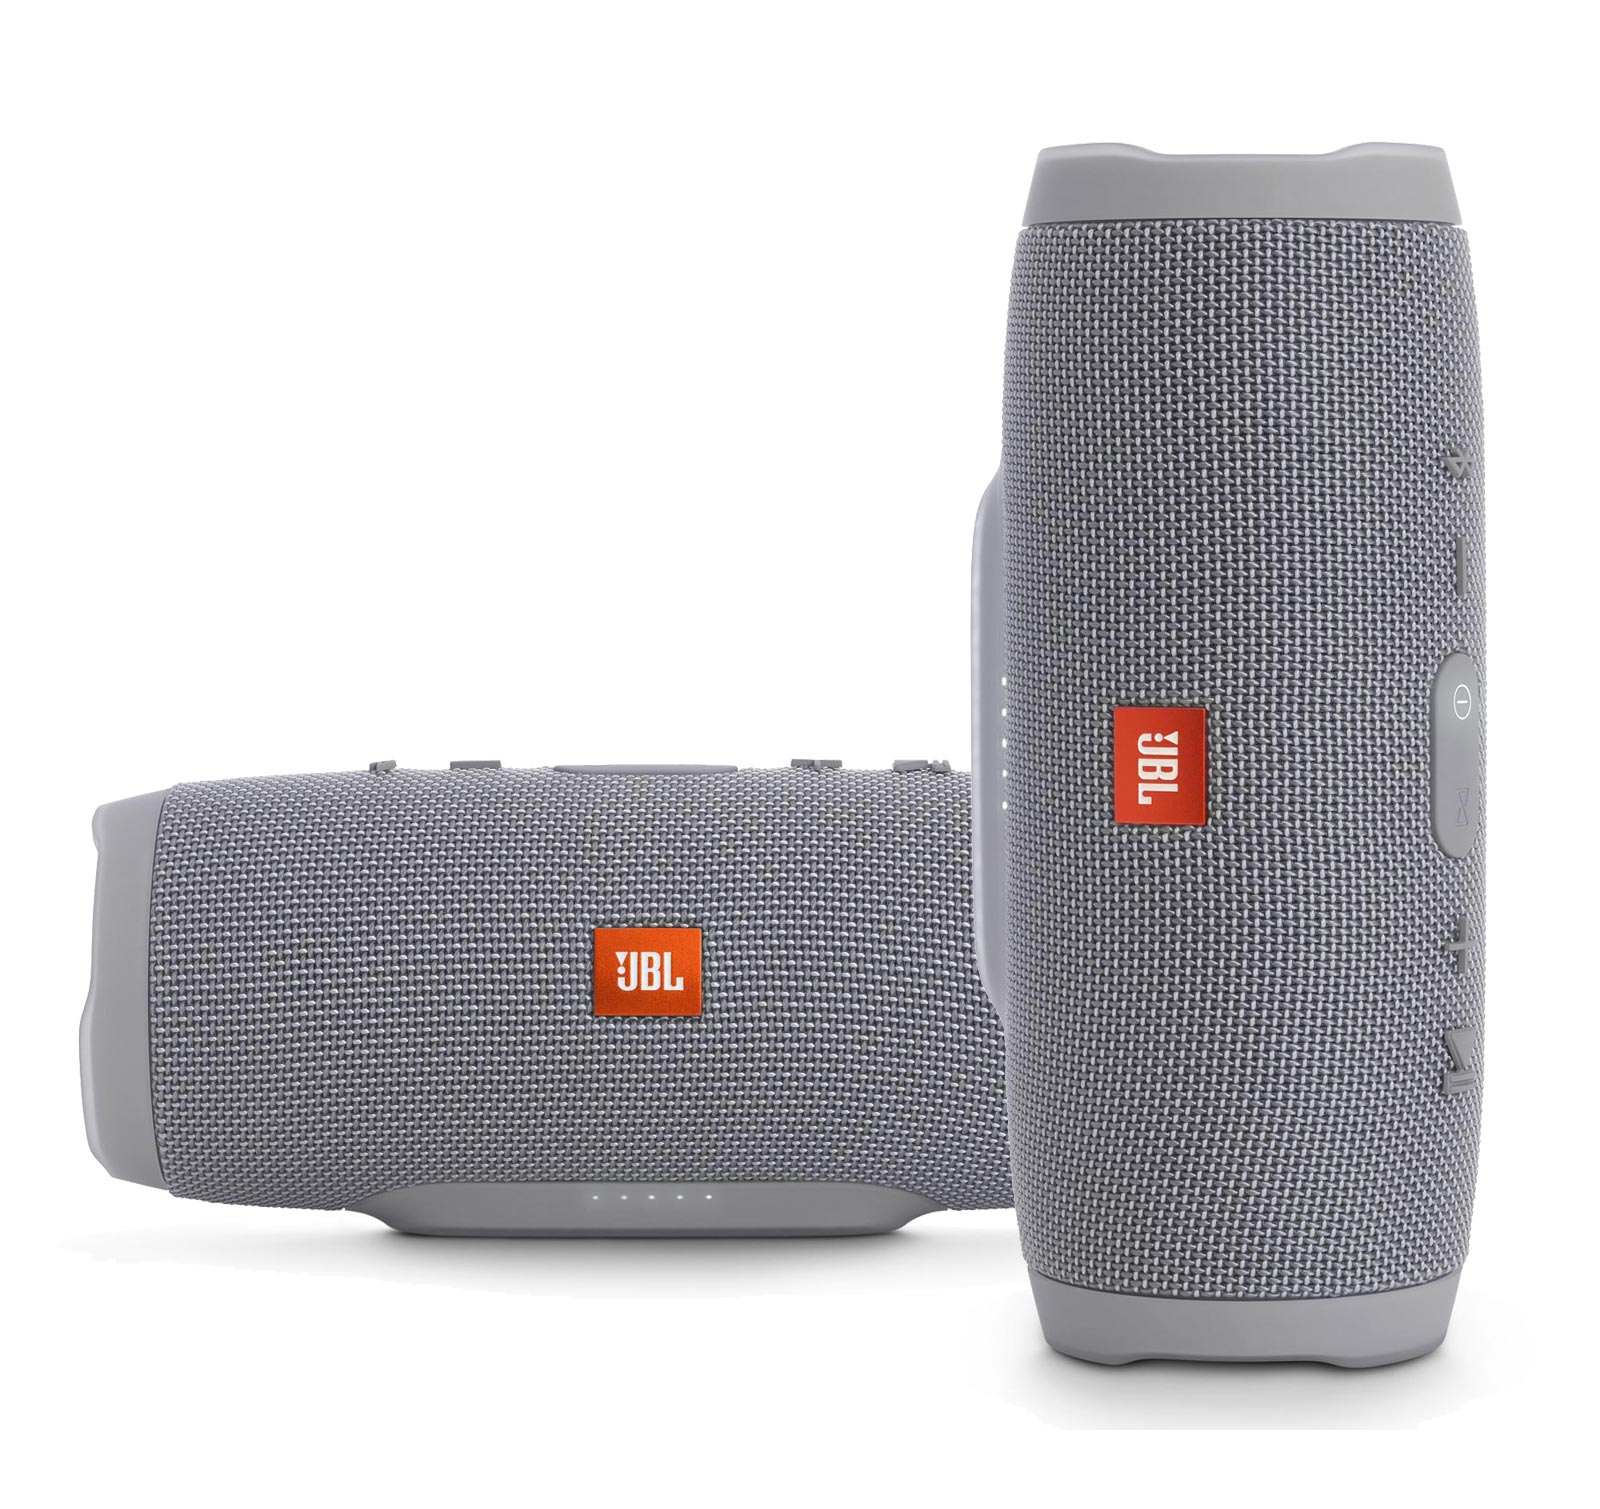 JBL Charge 3 Grey & Grey 2-Pack Kit Bluetooth Speaker by JBL